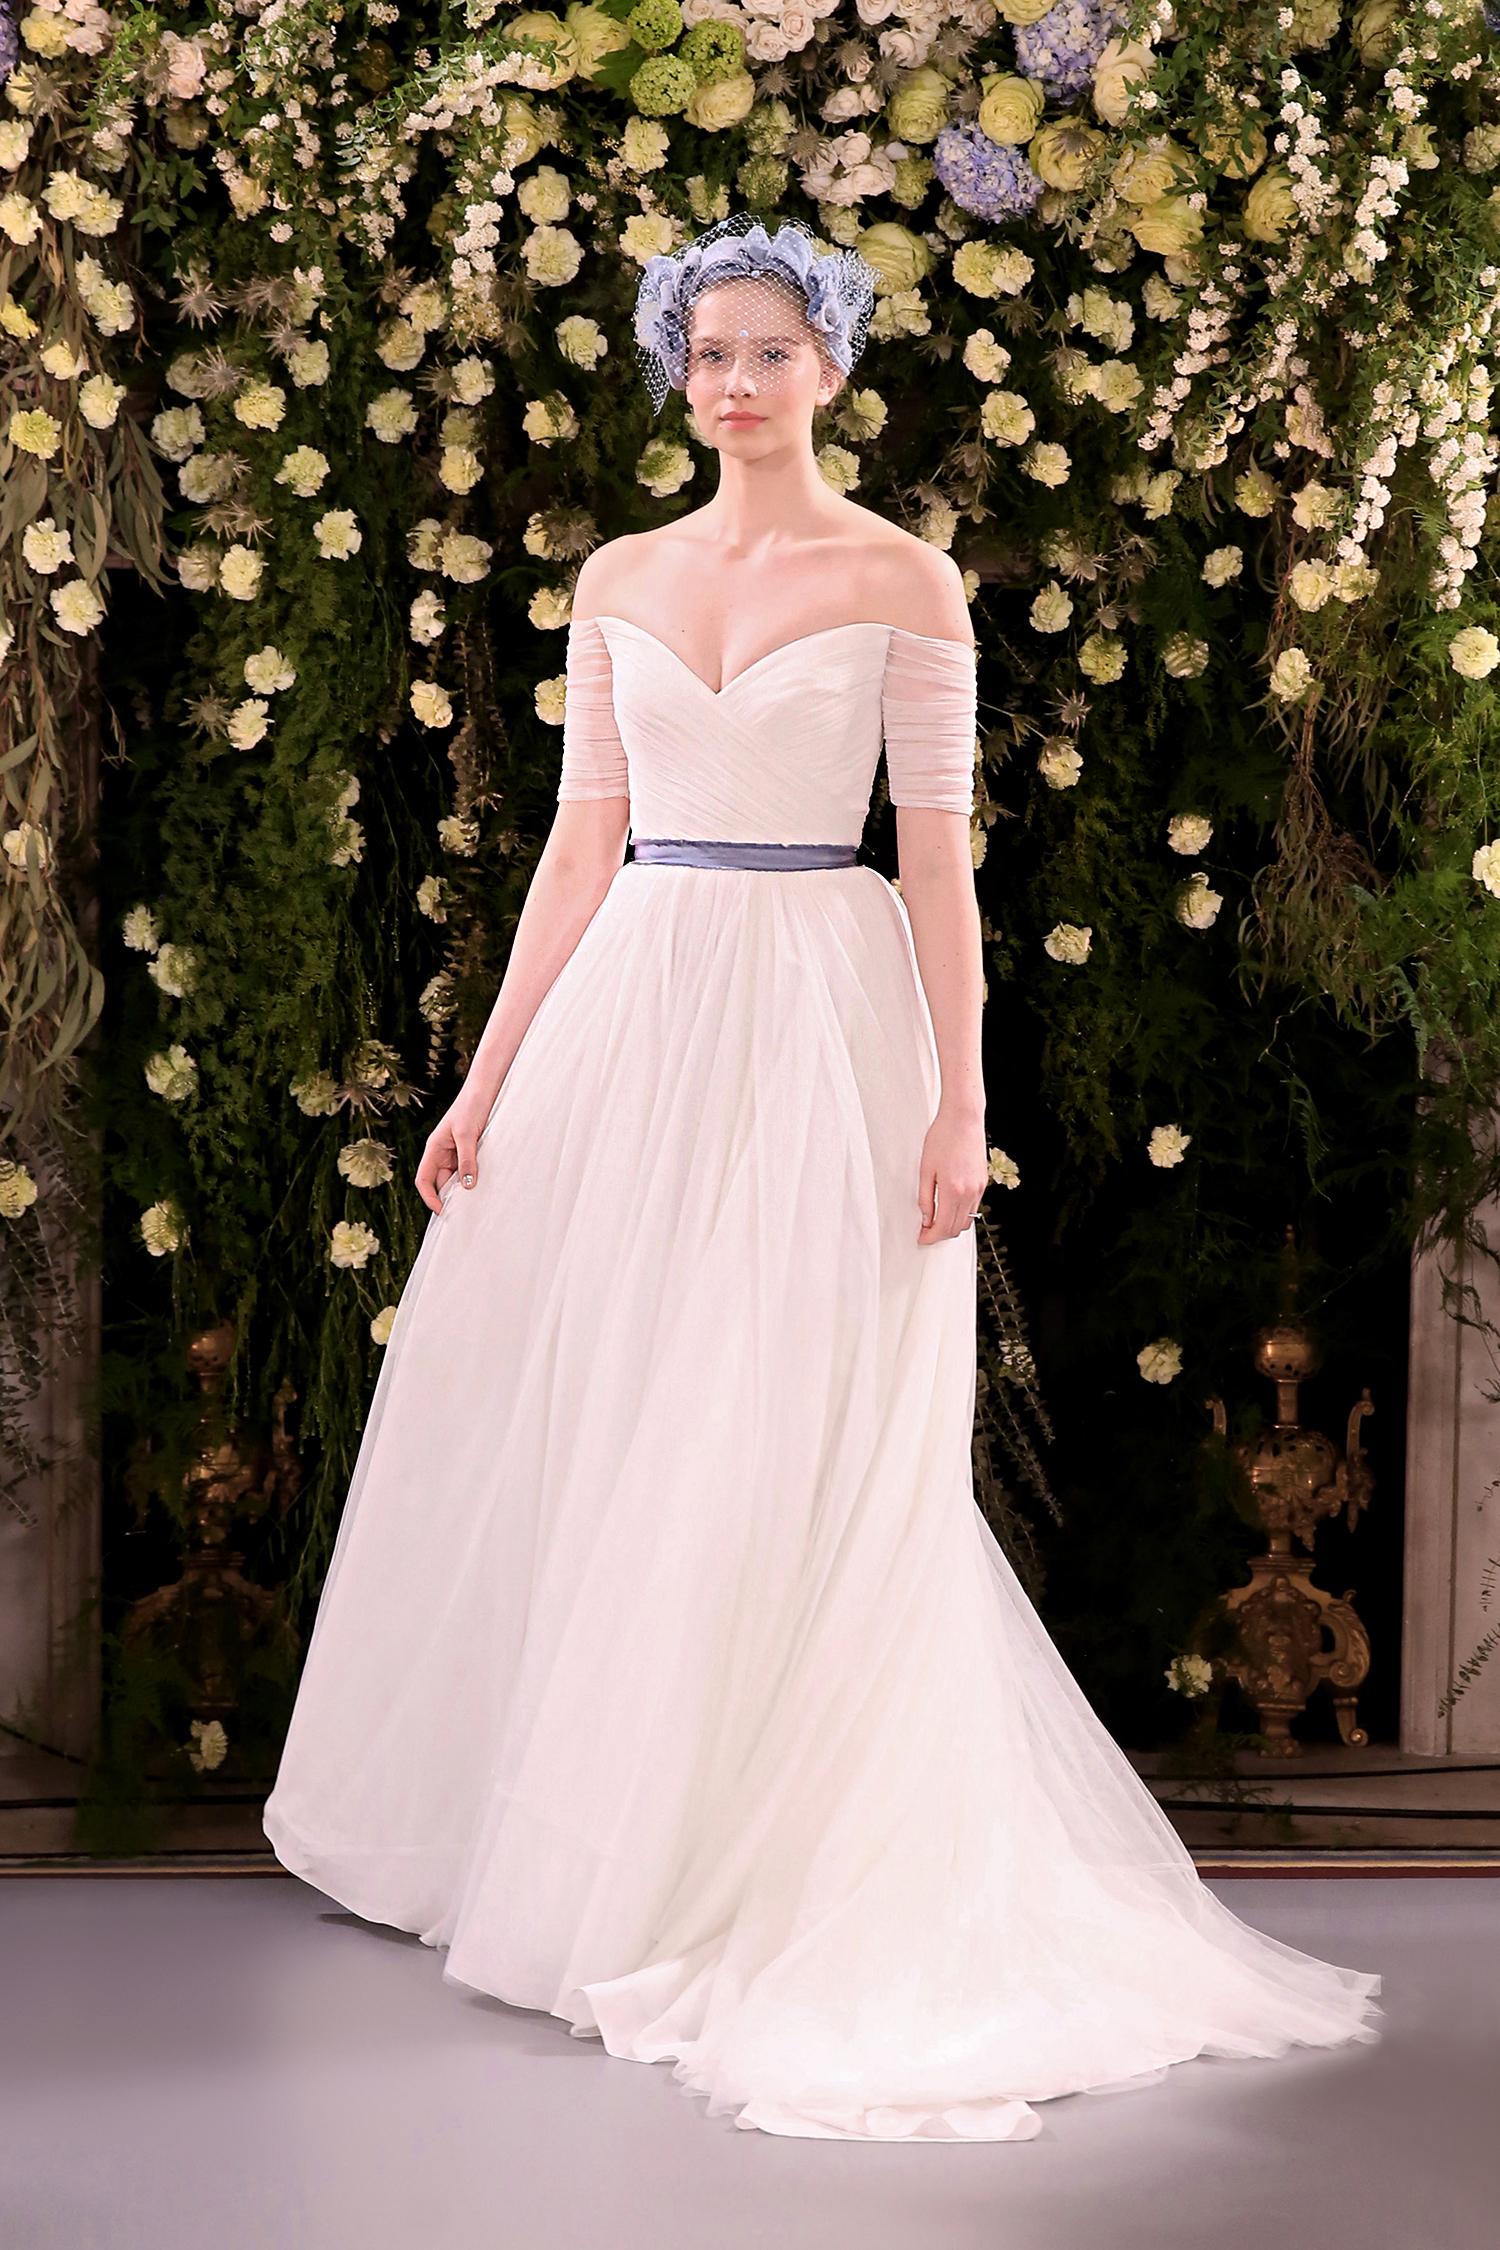 jenny packham wedding dress spring 2019 belted off-the-shoulder